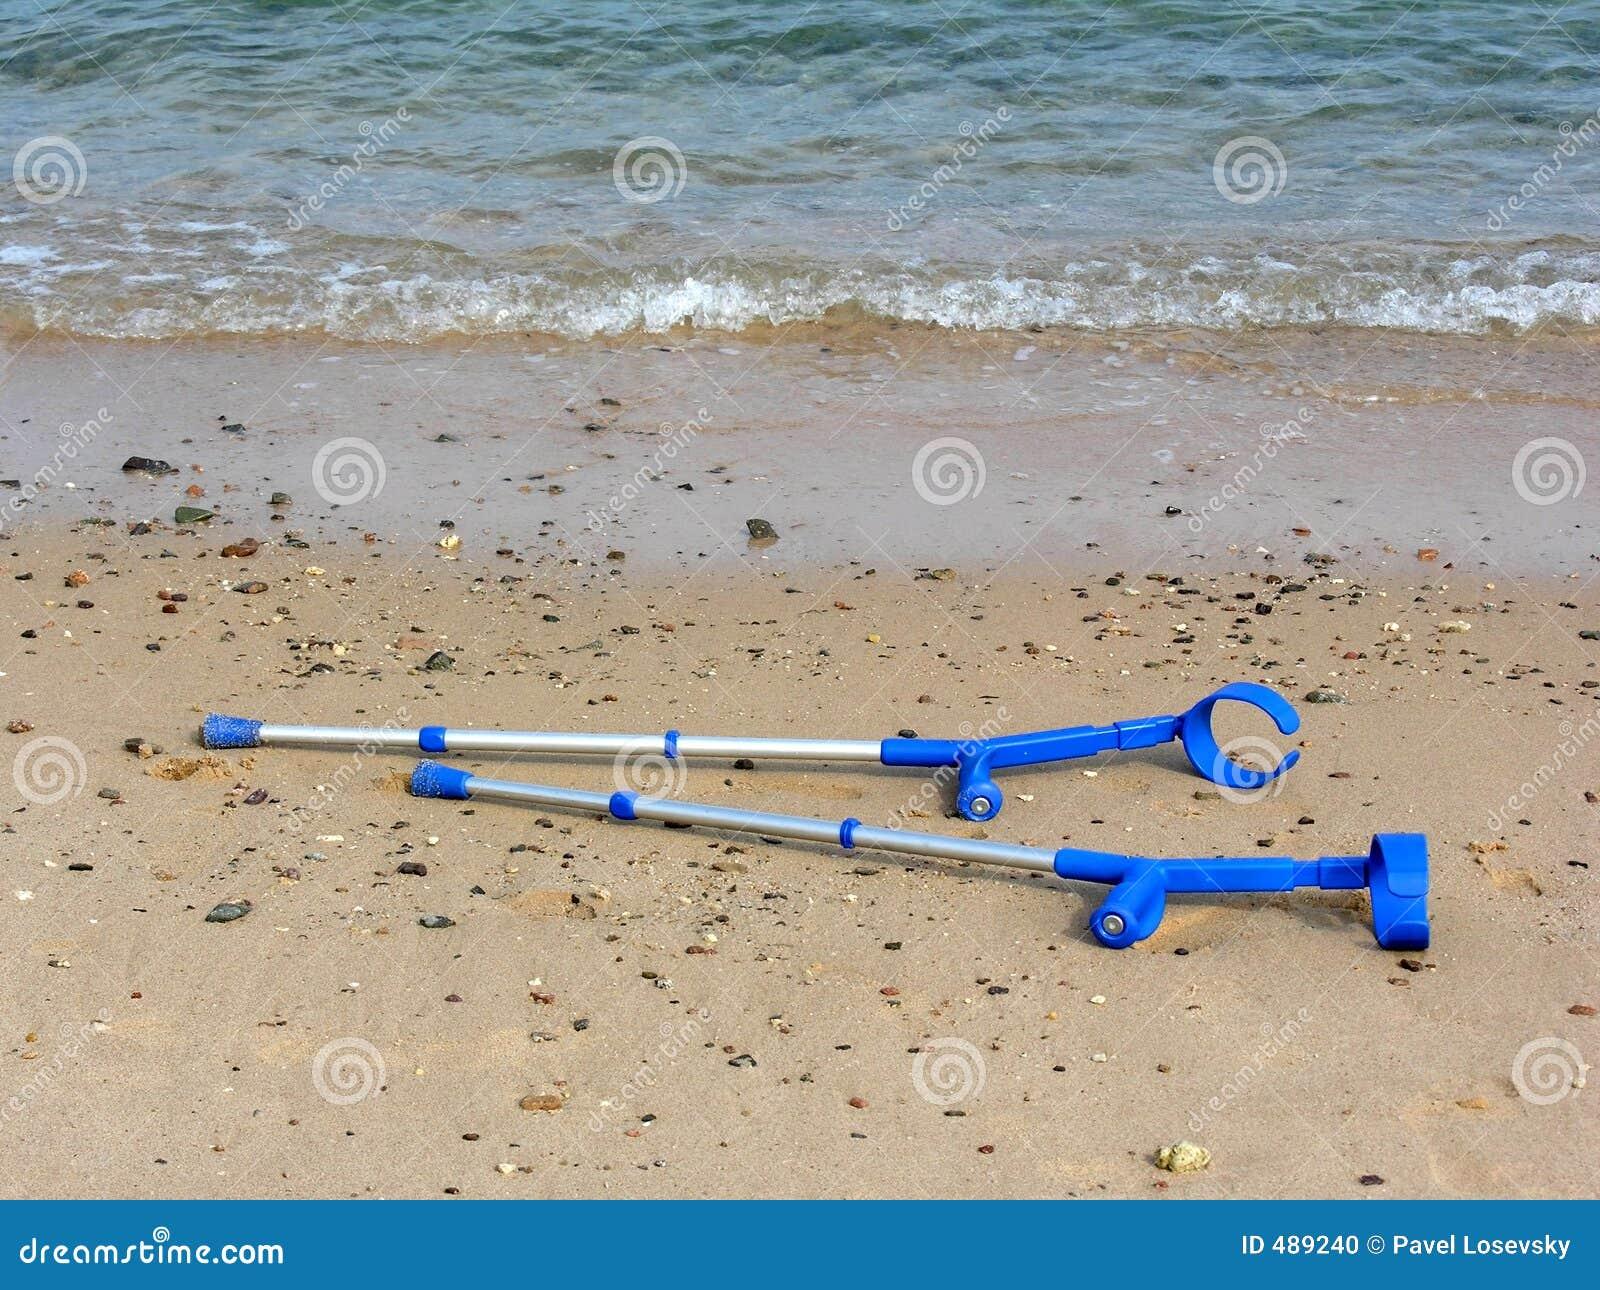 Crutches on beach